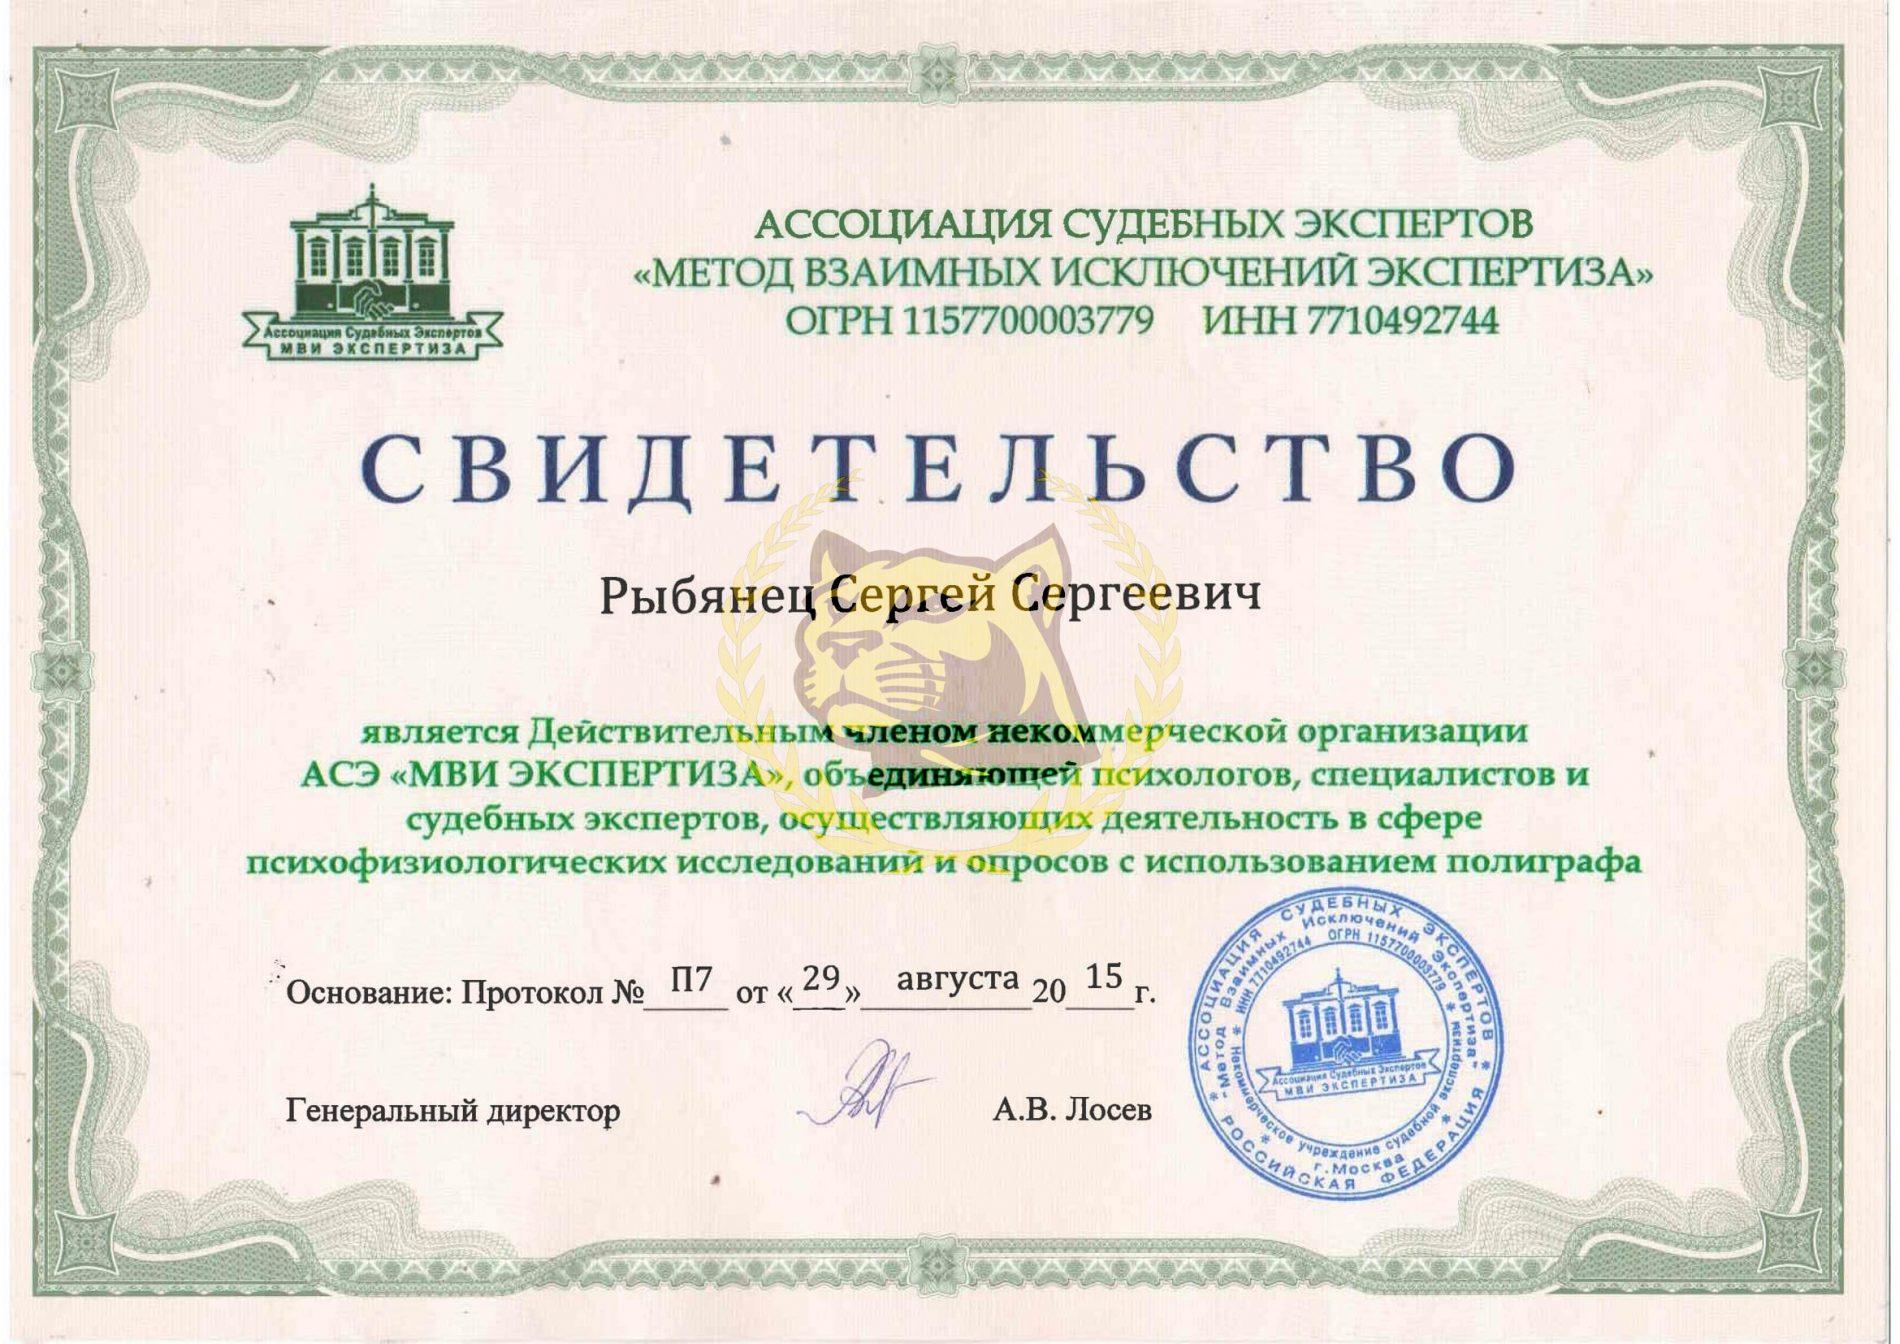 """Свидетельство о членстве АСЭ """"МВИ ЭКСПЕРТИЗА"""""""